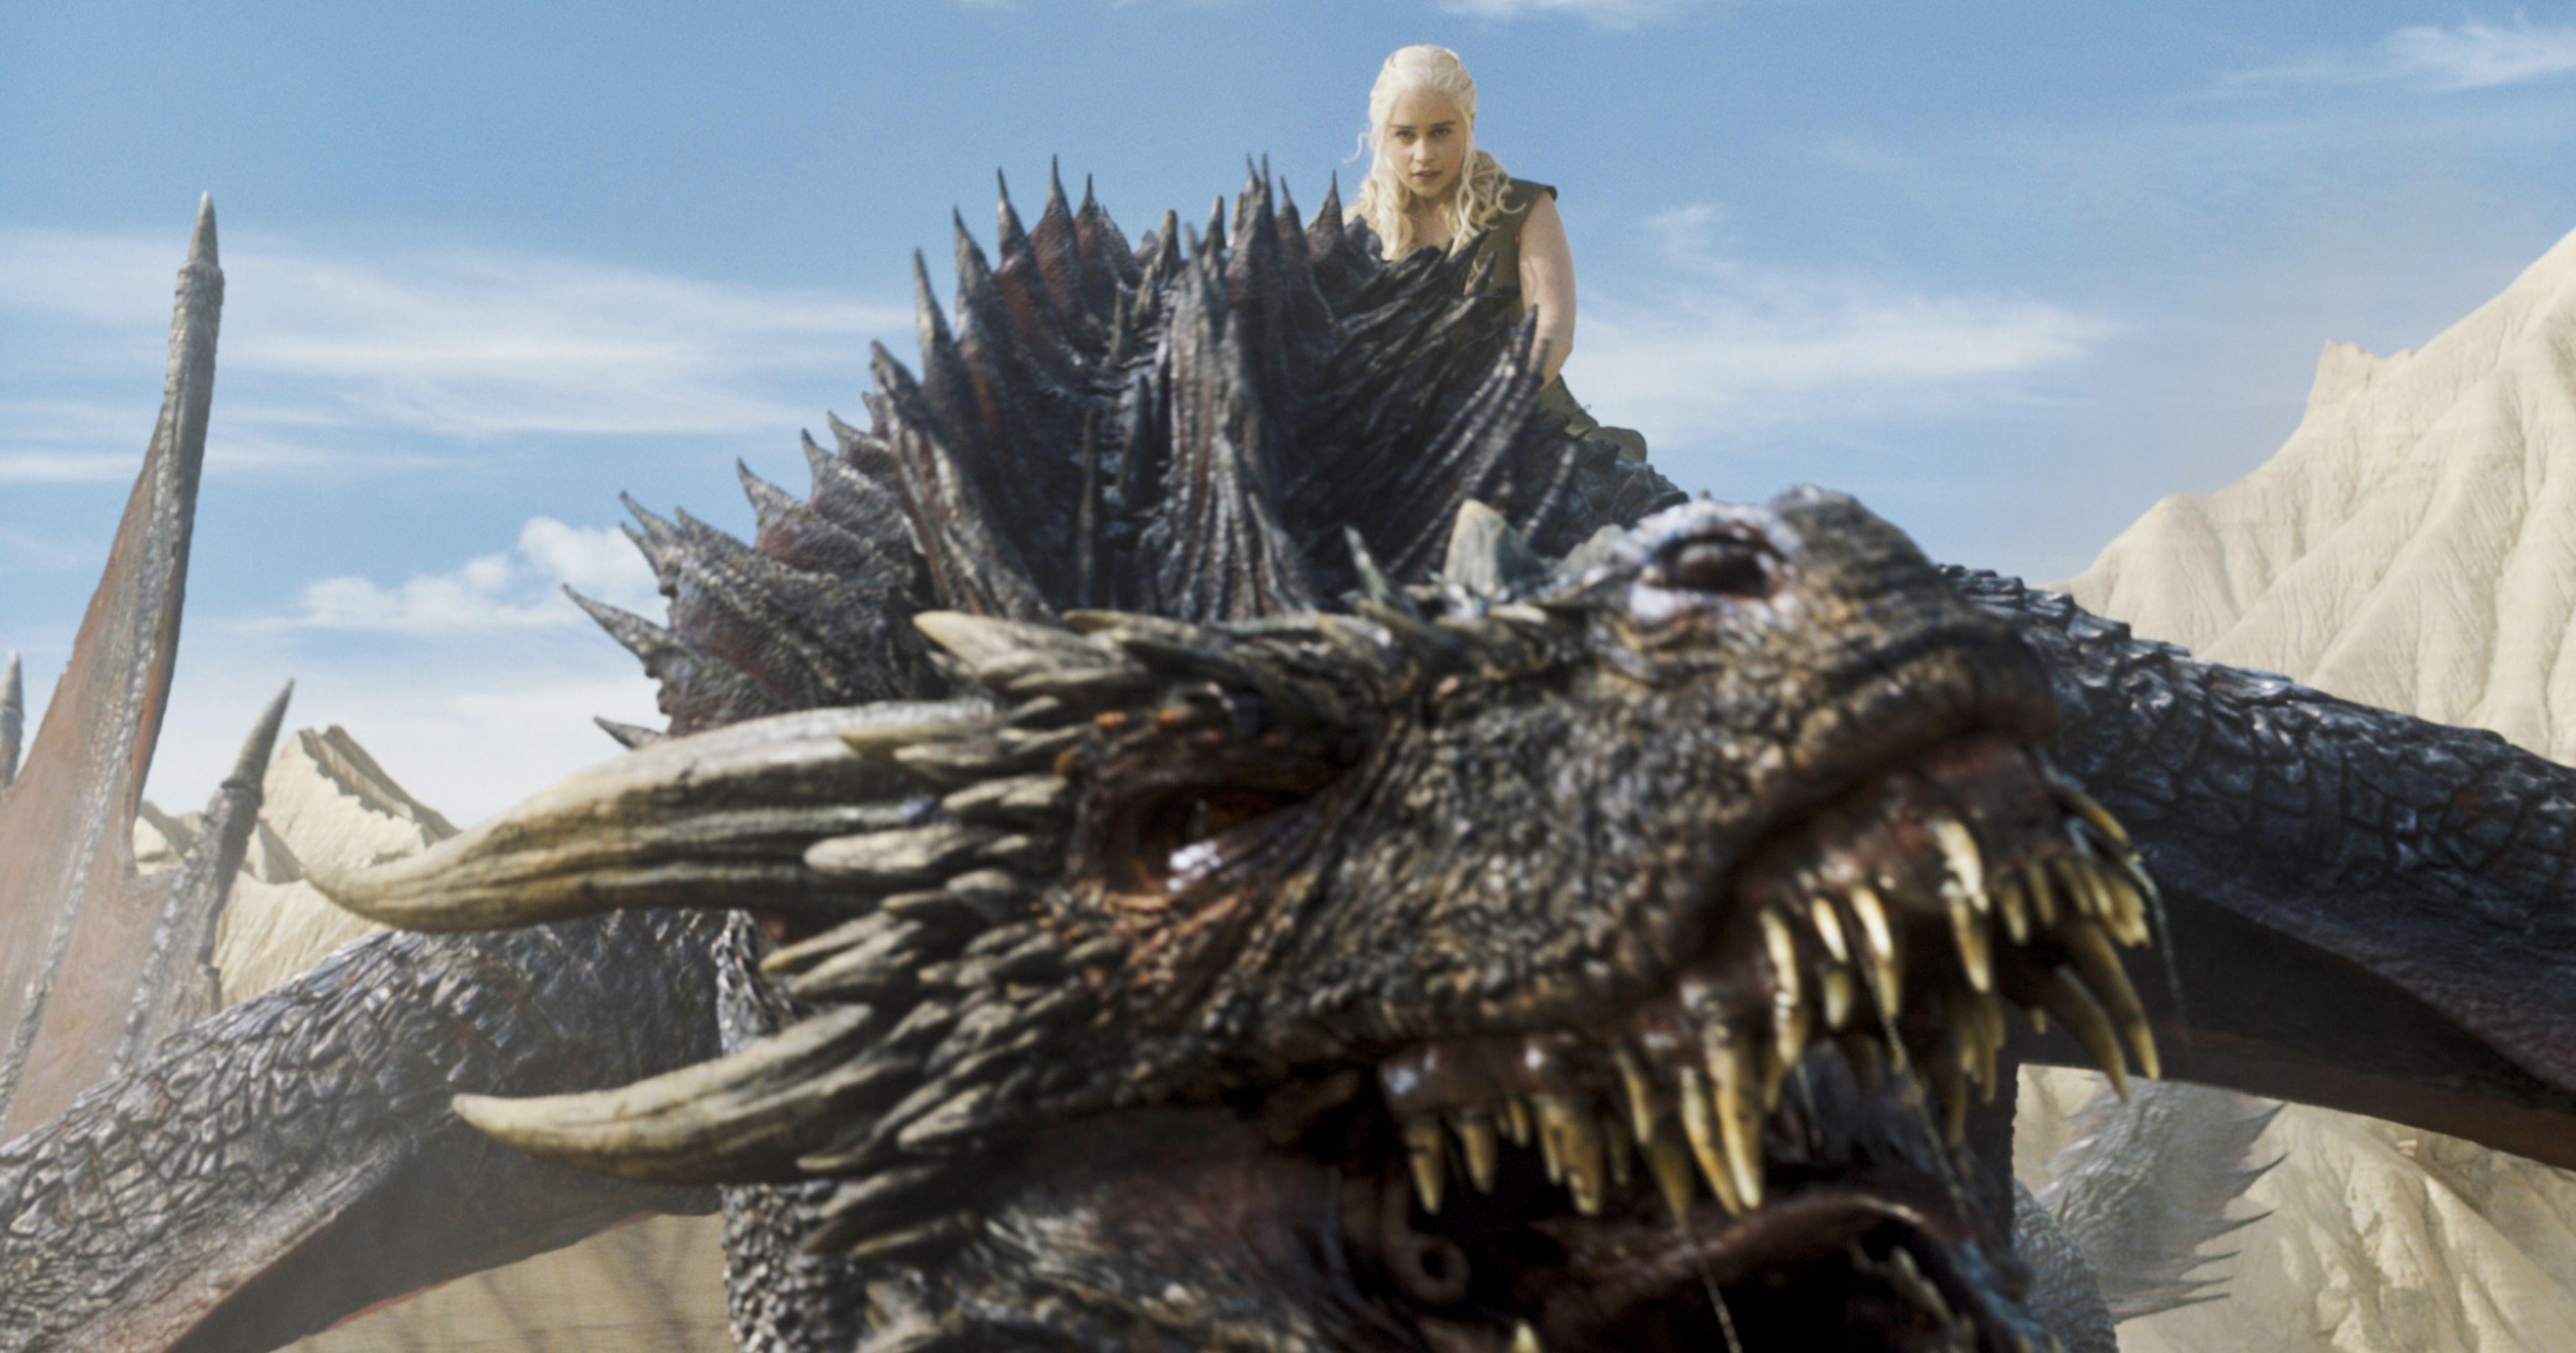 Daenerys with Drogon